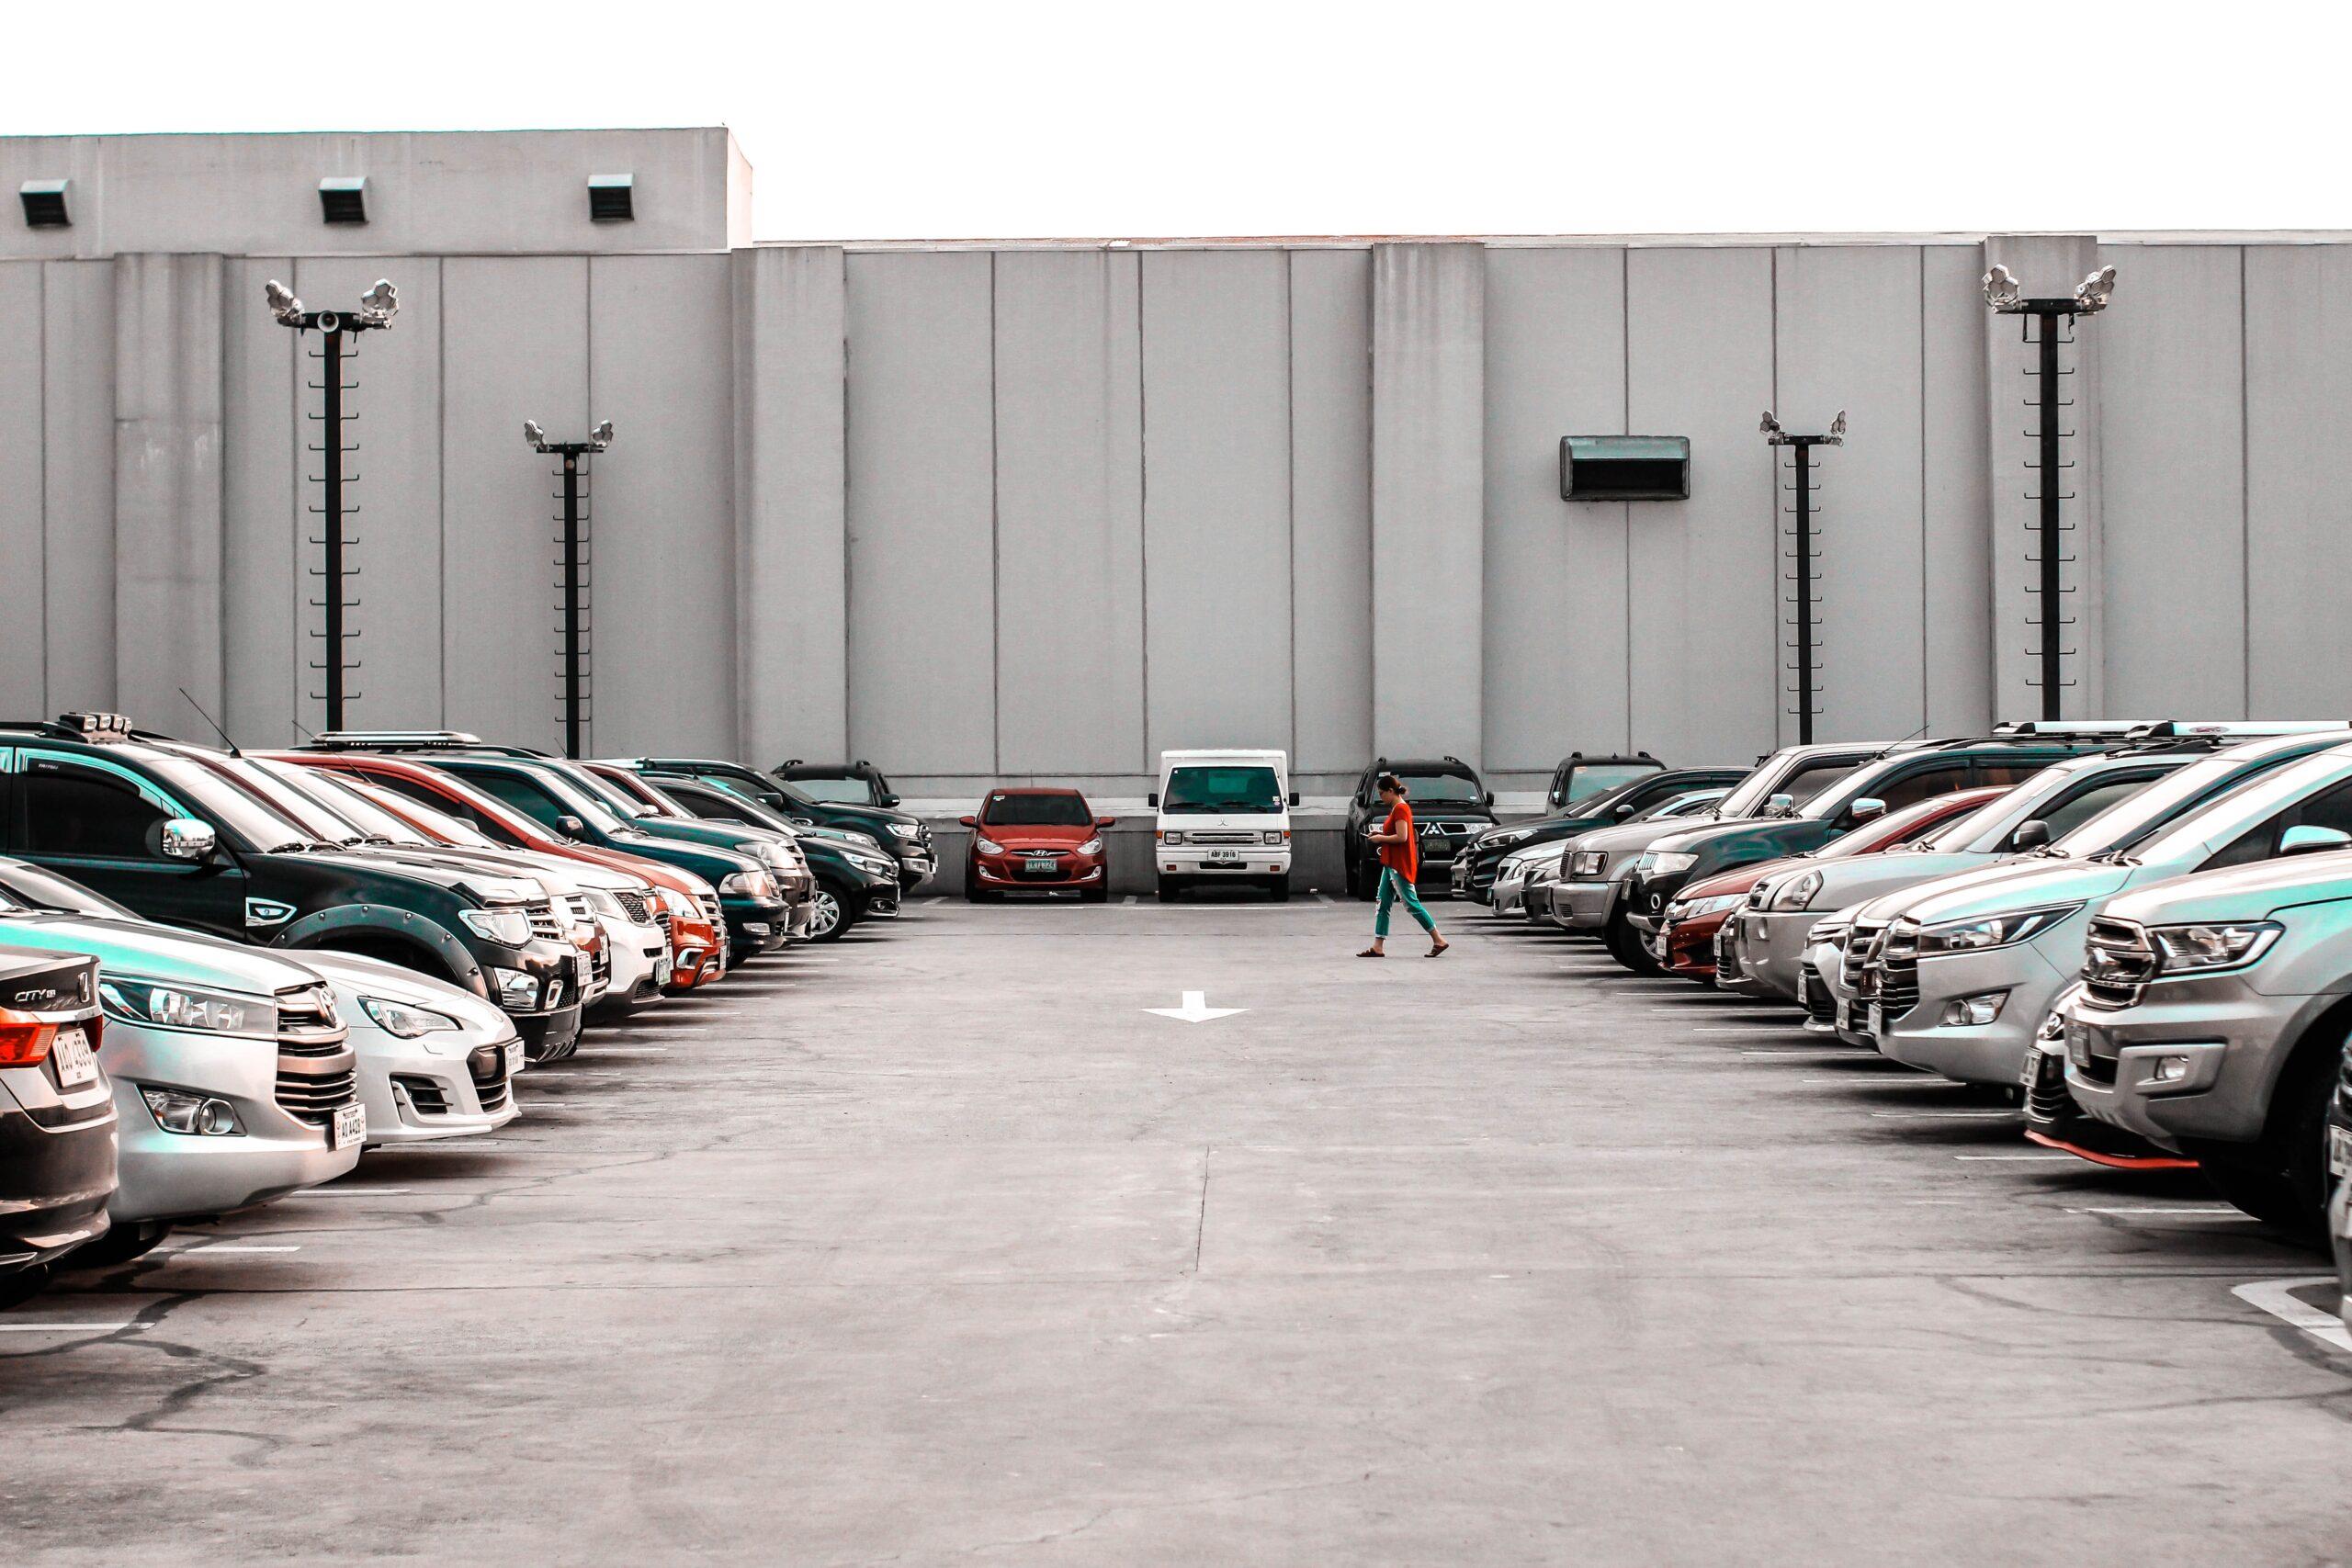 inversiones inmobiliarias - estacionamiento